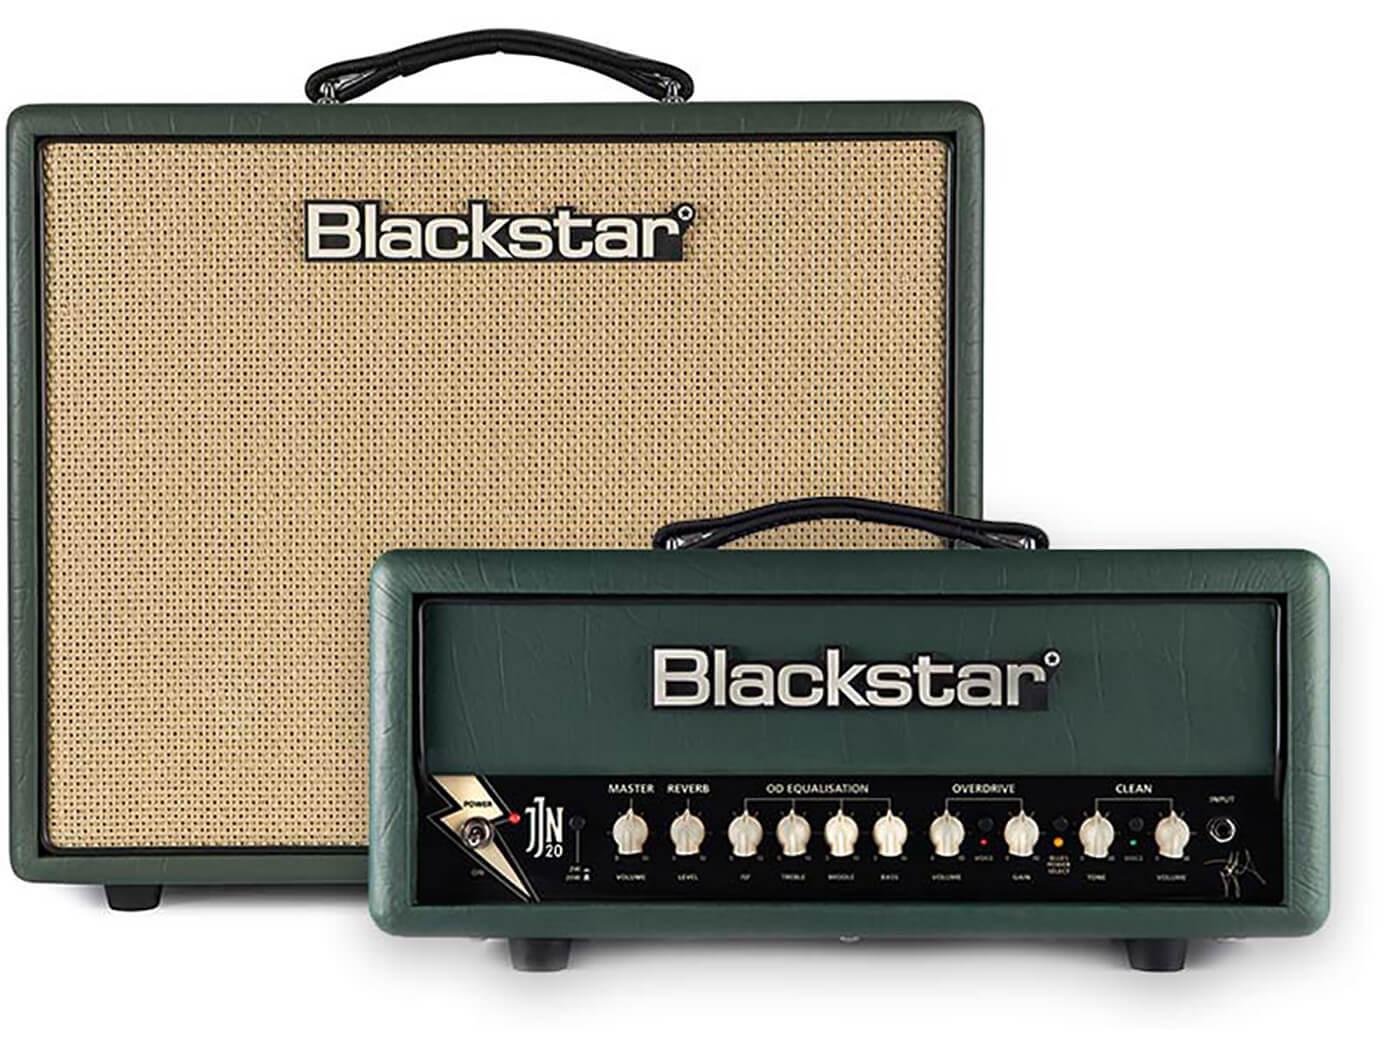 Blackstar JJN 20R Combo